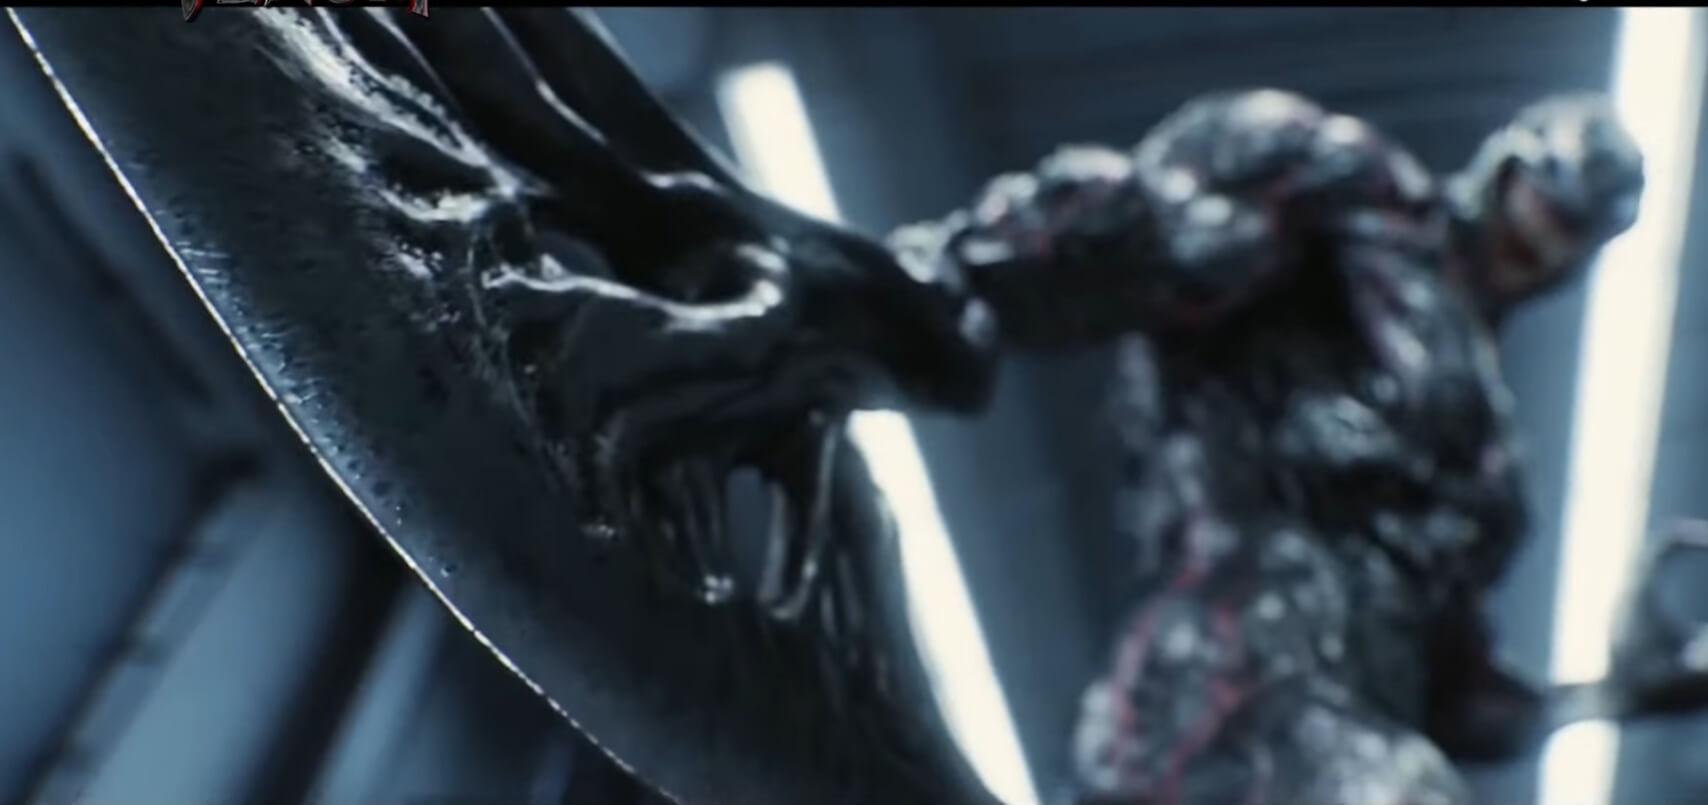 《 猛毒 》儘管有許多暴力的畫面,但透過剪接讓作品保持輔導級的分級。